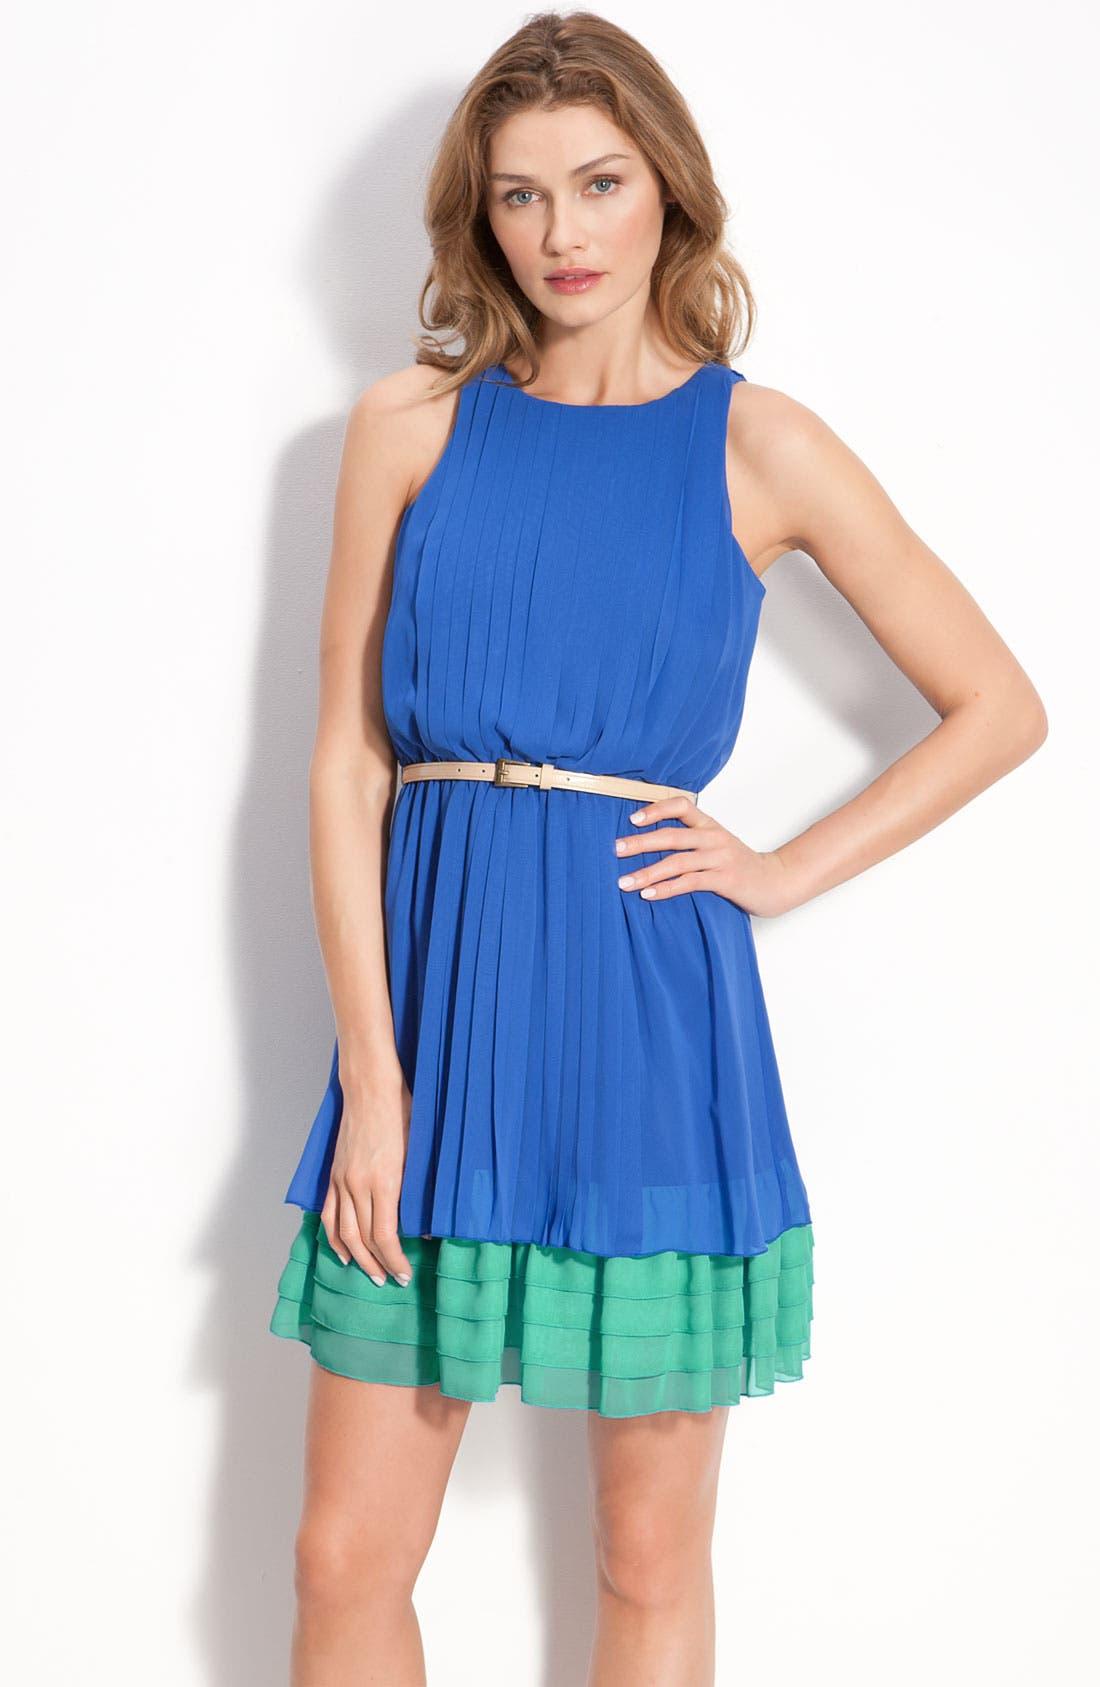 Main Image - Jessica Simpson Sleeveless Chiffon Dress